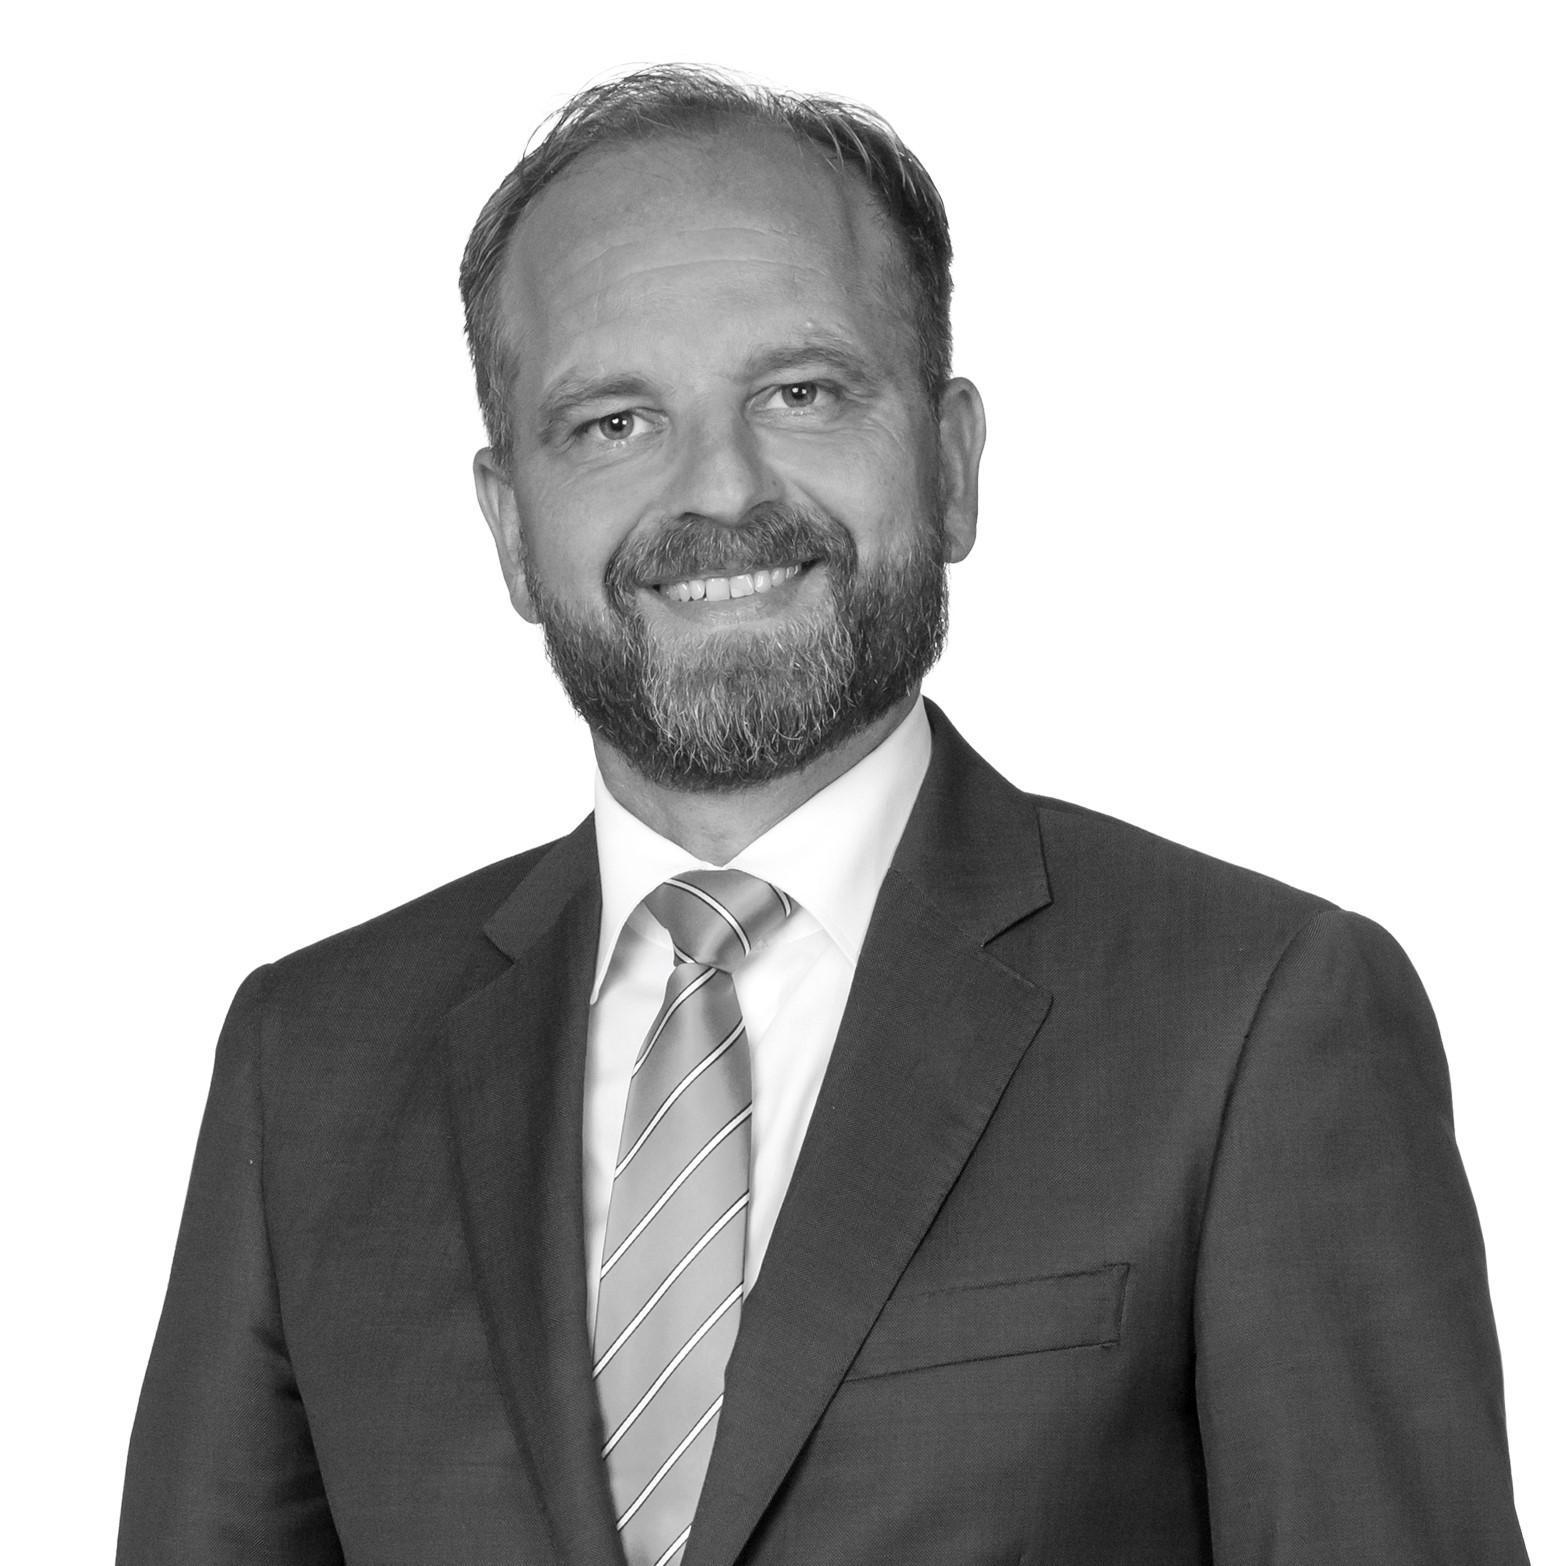 Oliver Nolde, Gebietsdirektor und Selbstständiger Finanzberater für die Deutsche Bank